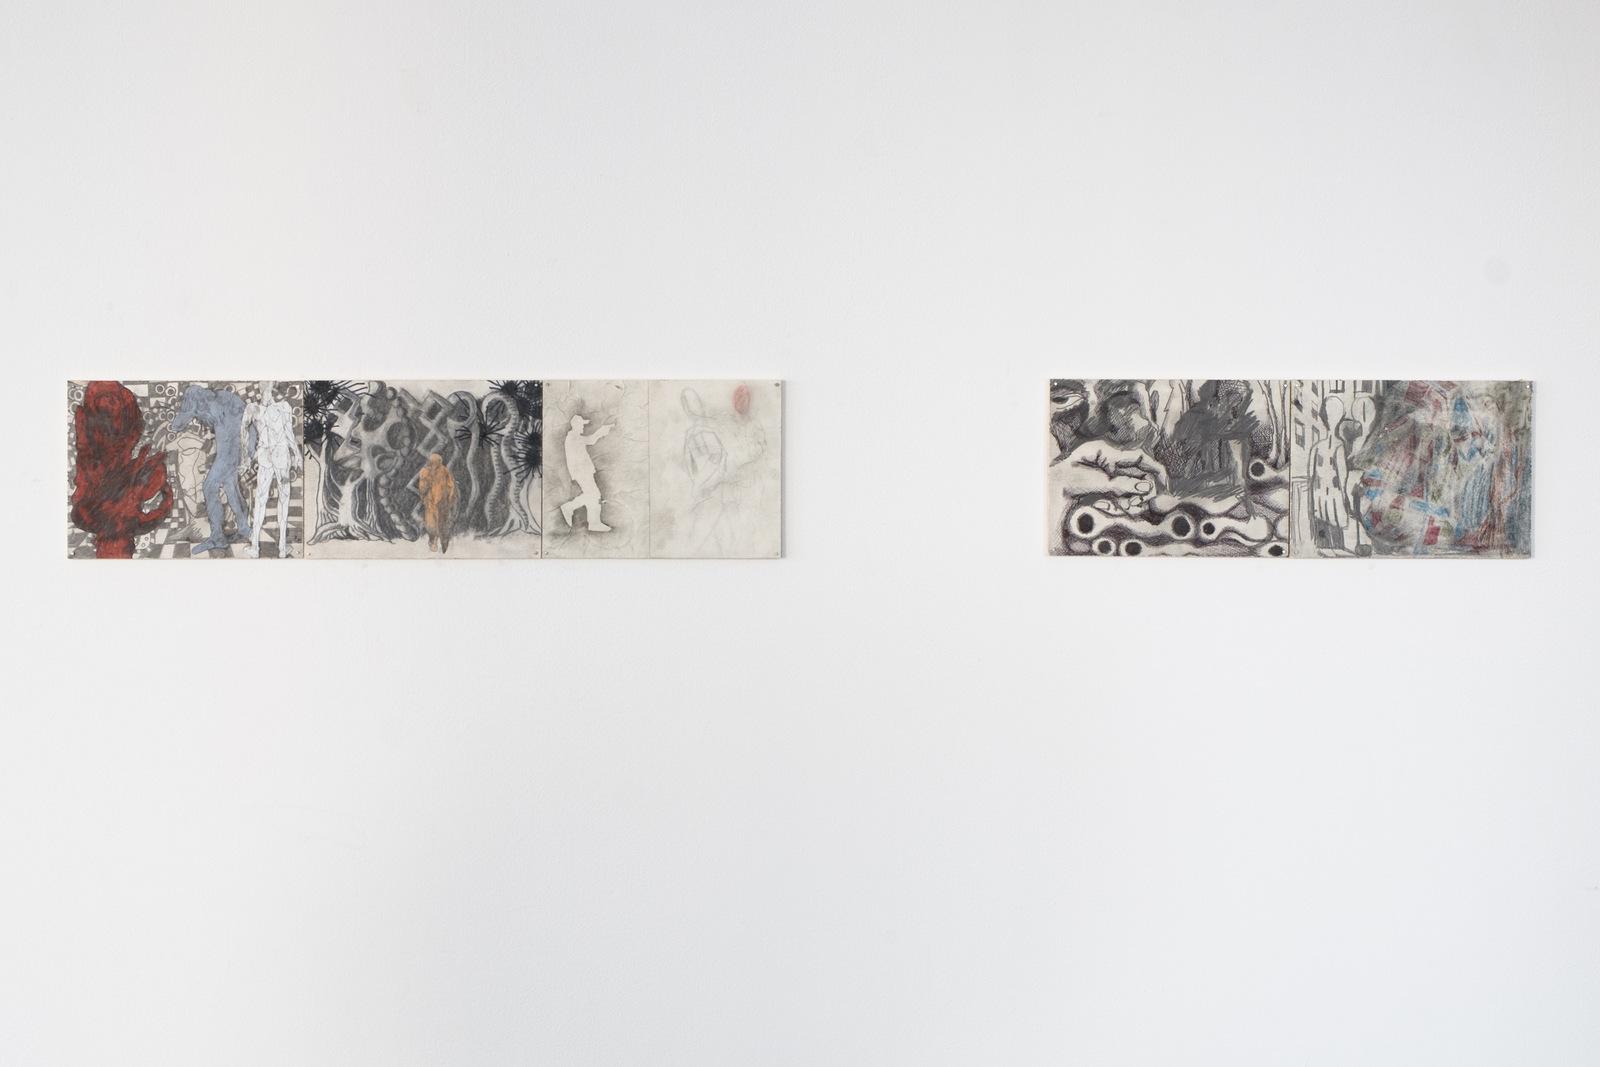 16_Aleksander Hardashnakov_Untitled_ICHTS_2016_Dortmunder Kunstverein_Foto Niklas Taleb